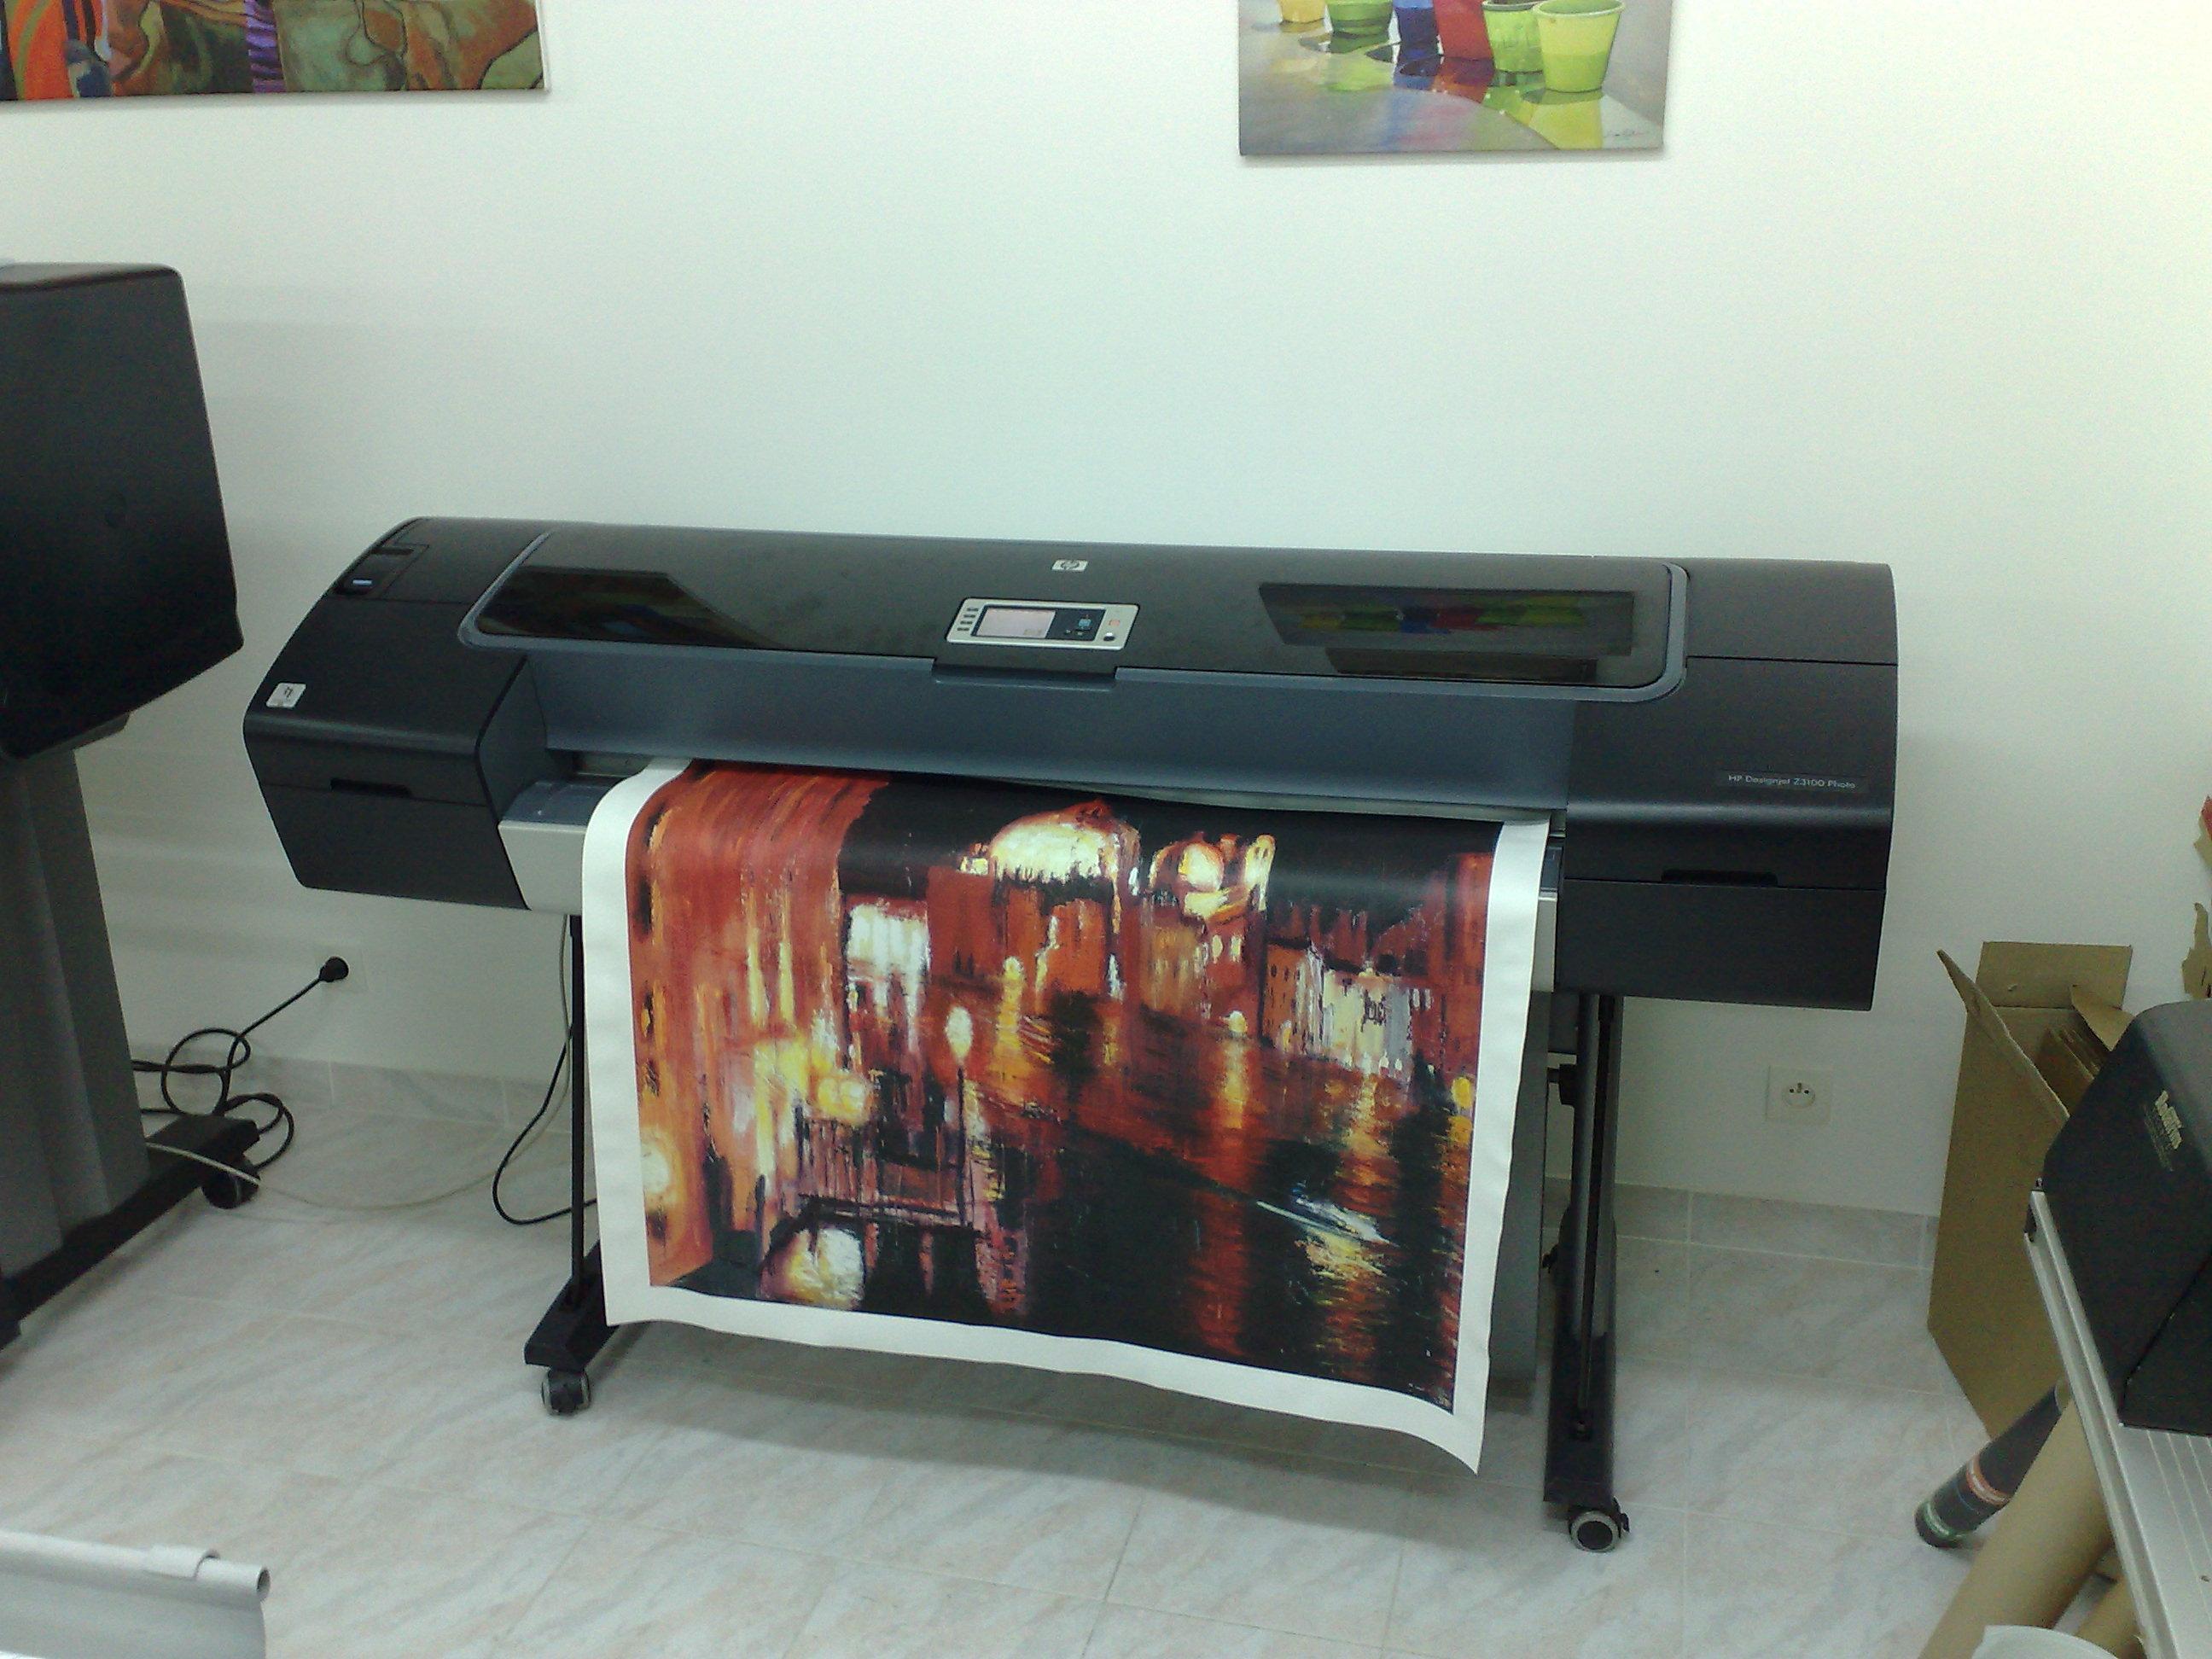 o trouver un atelier d impression photo de qualit grand format affiche poster b che photo. Black Bedroom Furniture Sets. Home Design Ideas